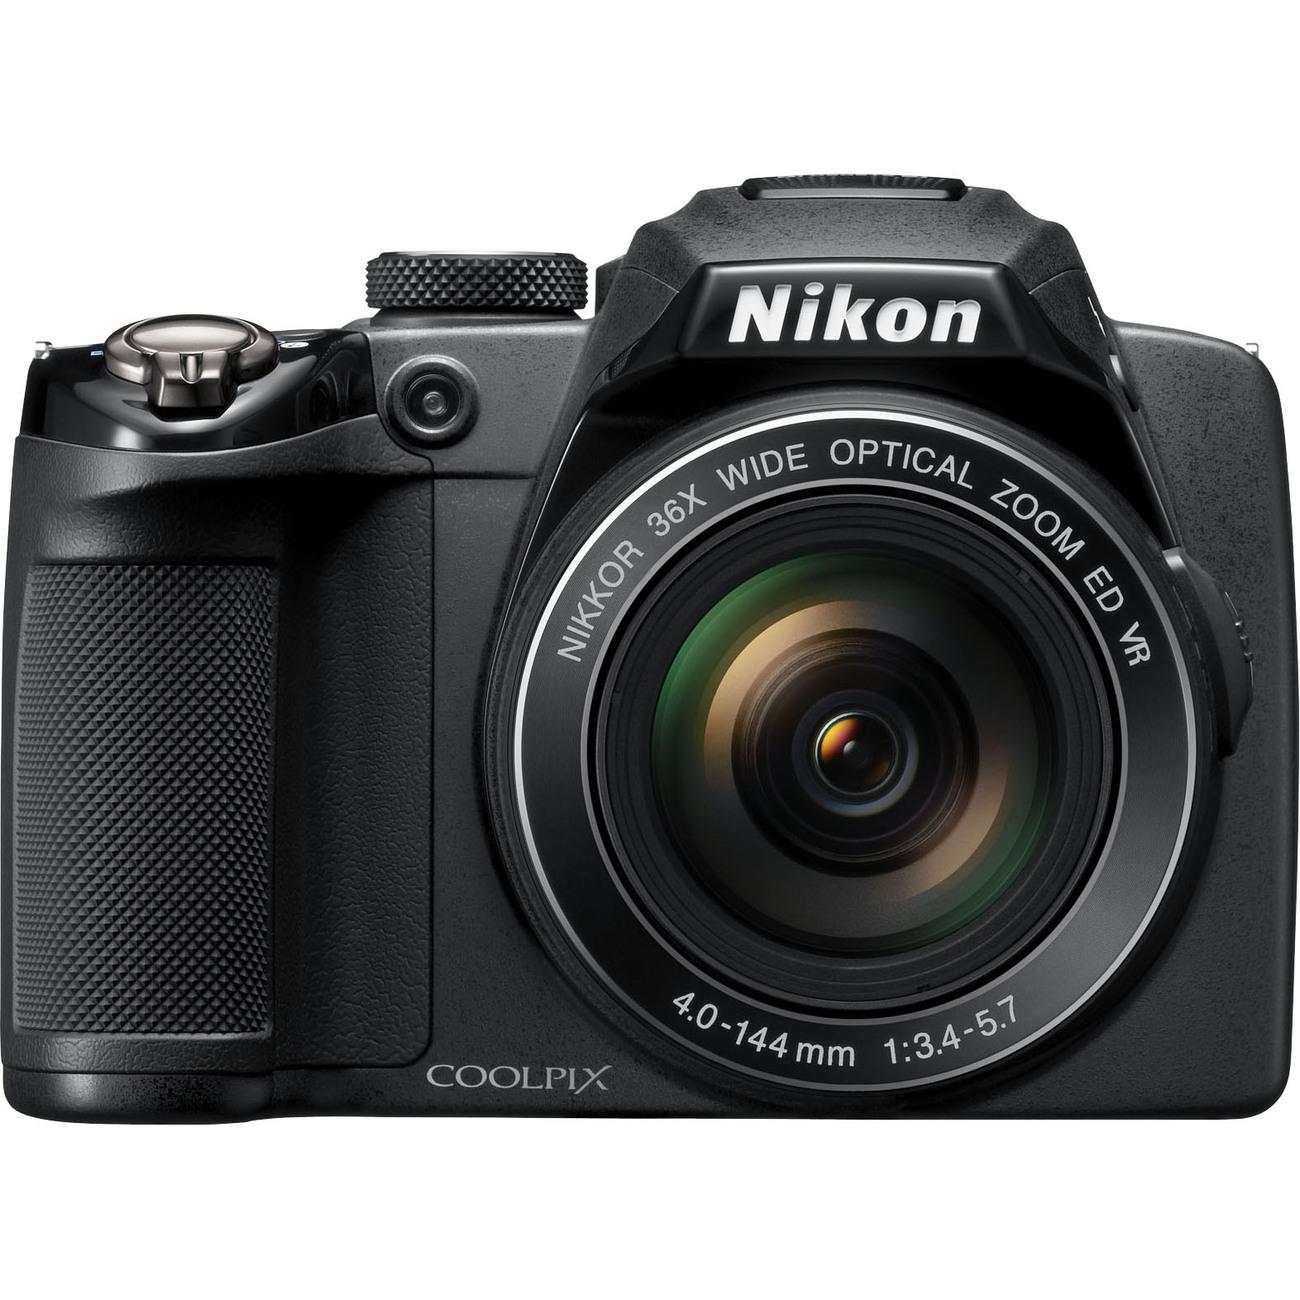 Nikon Coolpix P500 12MP Black Digital Camera